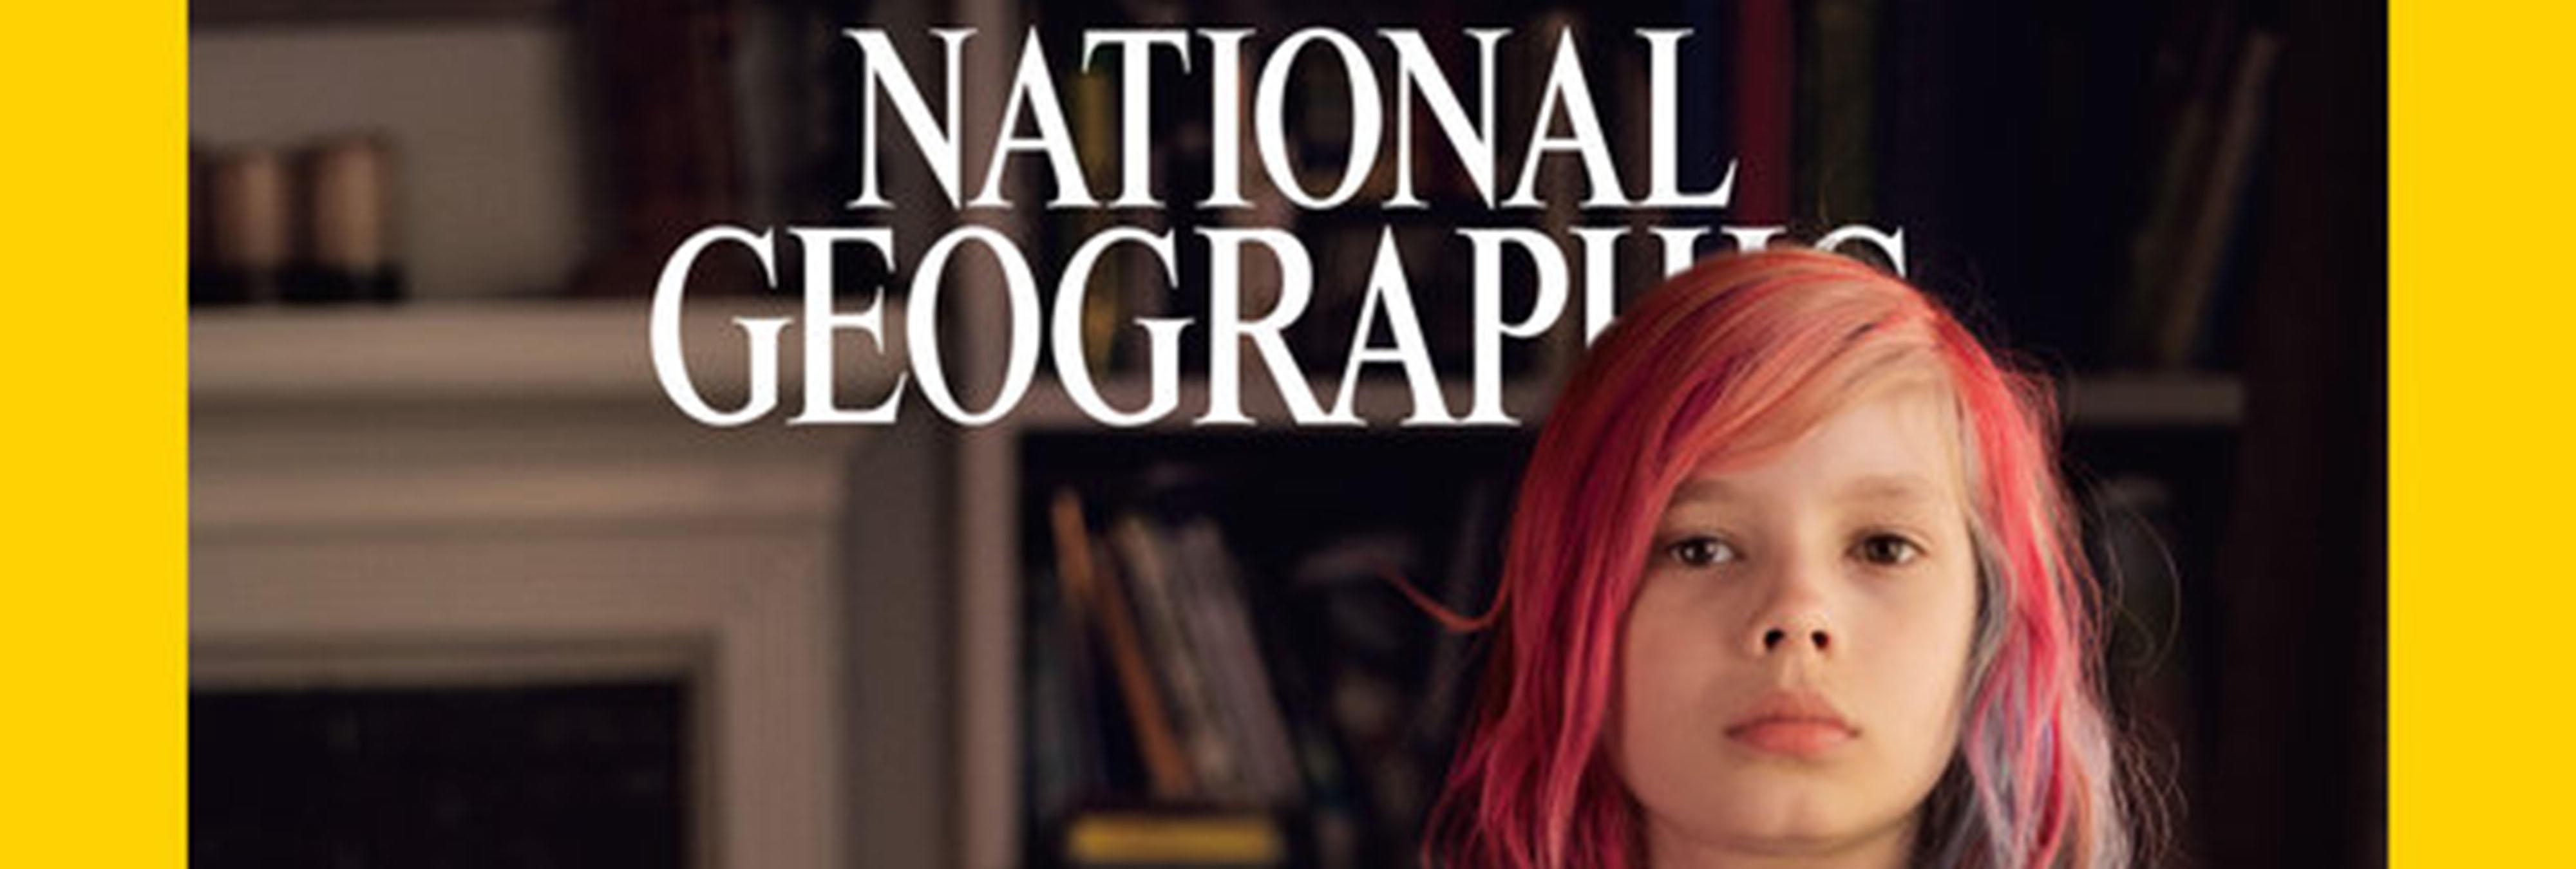 Una niña transexual es portada del National Geographic abriendo el debate de la transexualidad infantil